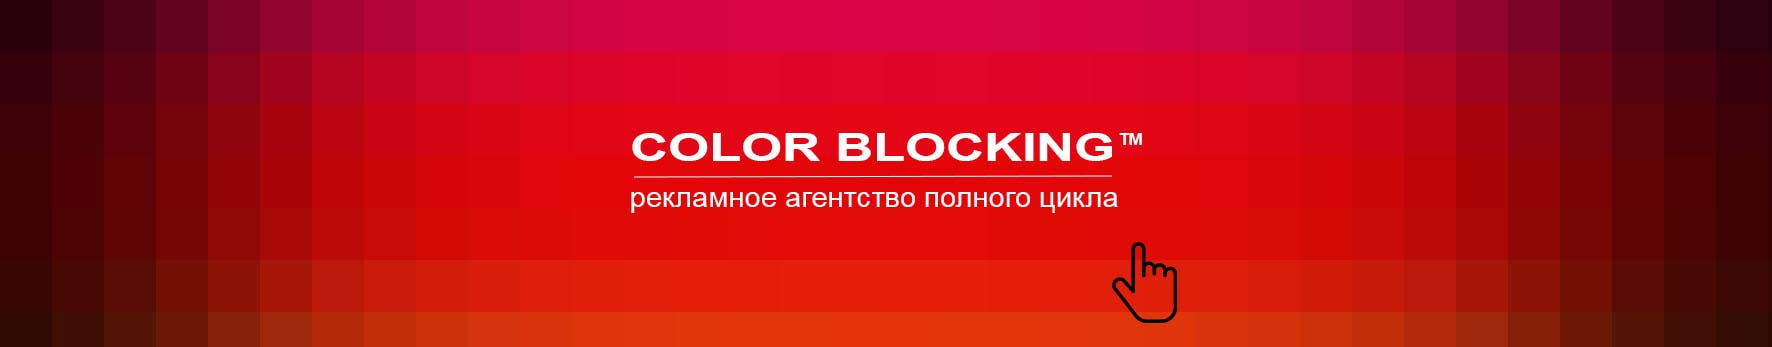 Реклама на радио агентство